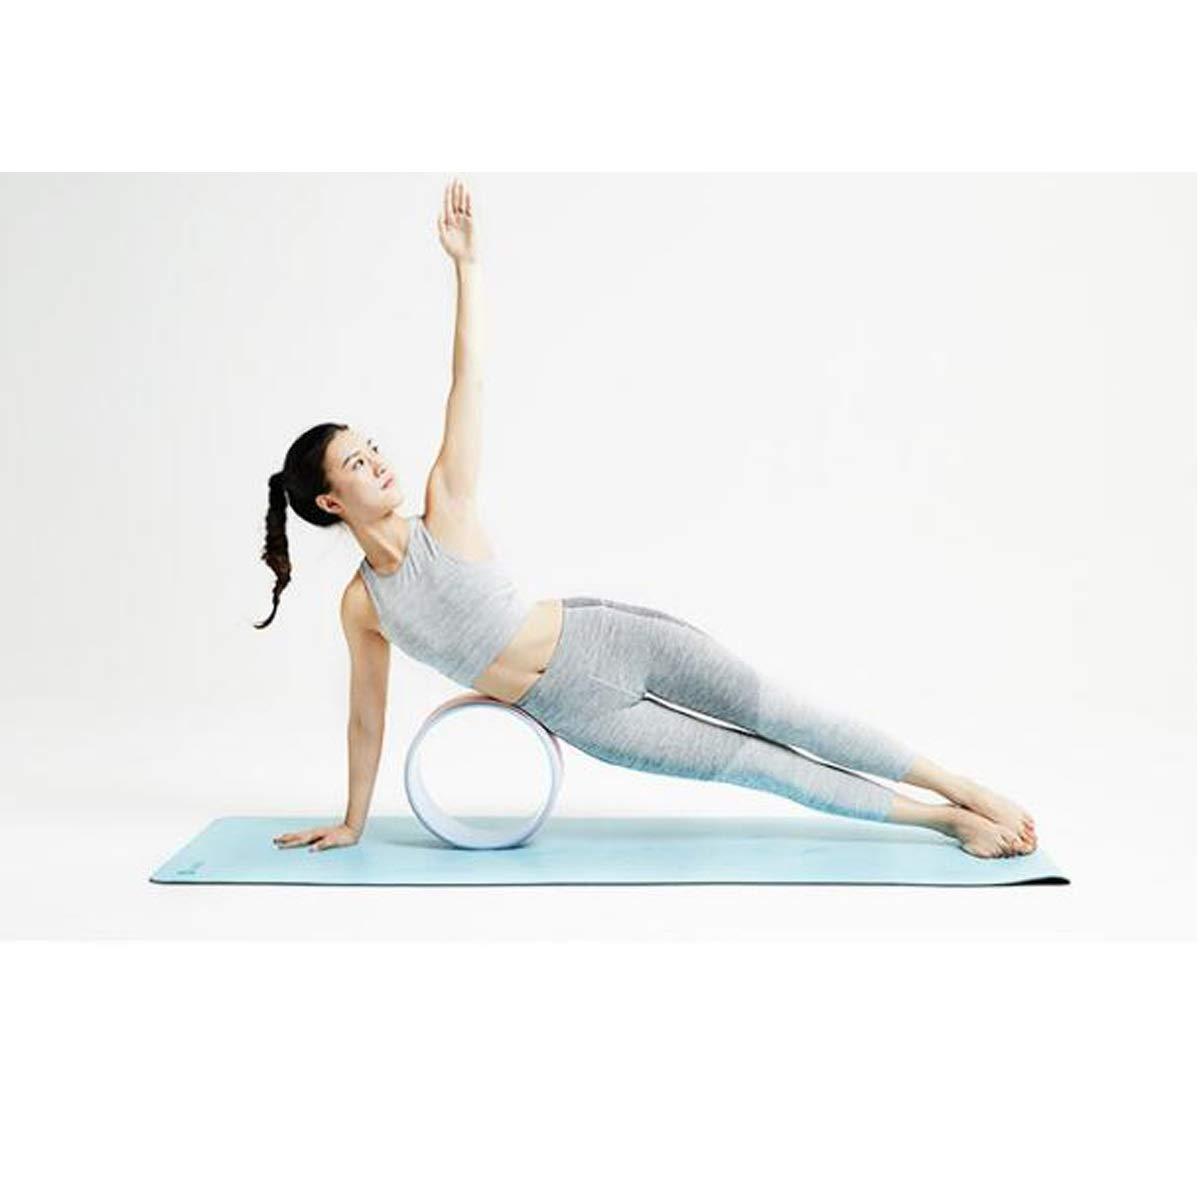 Amazon.com: XIONGHAIZI Yoga Wheel, Beginner Back Bend Yoga ...